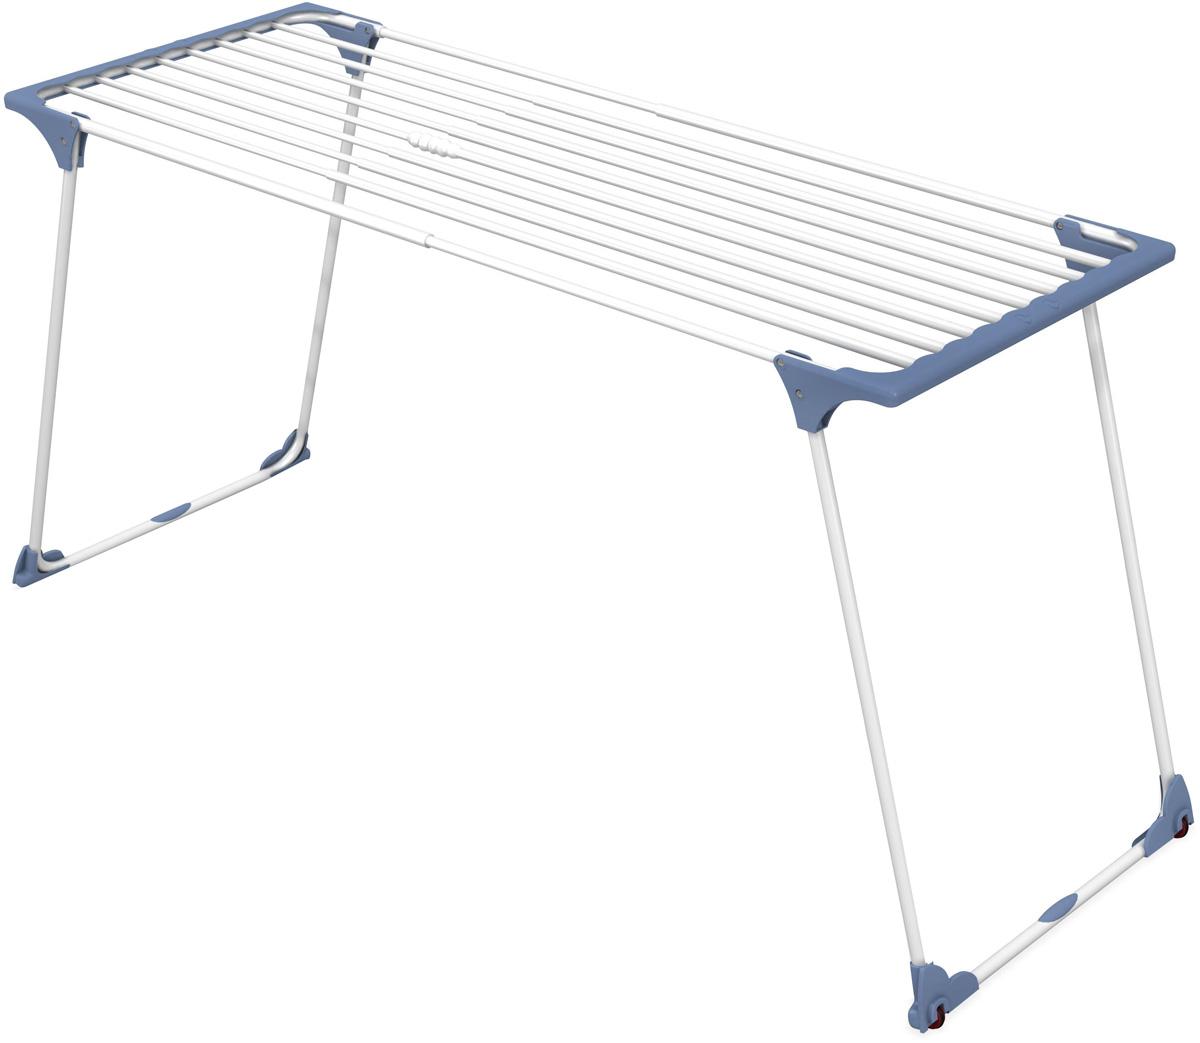 Сушилка напольная Gimi Dinamik 20, 190 см х 57 см х 100 см10140002Сушилка напольная Gimi Dinamik 20 проста и удобна в использовании, компактно складывается, экономя место в Вашей квартире. Сушилку можно использовать на балконе или дома. Сушилка оснащена выдвижными створками для сушки одежды во всю длину, а также имеет специальные пластиковые крепления в основе стоек, которые не царапают пол. Рабочая поверхность от 20 до 28 м. Раздвигается (от 110 до 190 см) с помощью телескопических направляющих. Позволяет свободно развесить как большие простыни, так и белье небольшого размера.